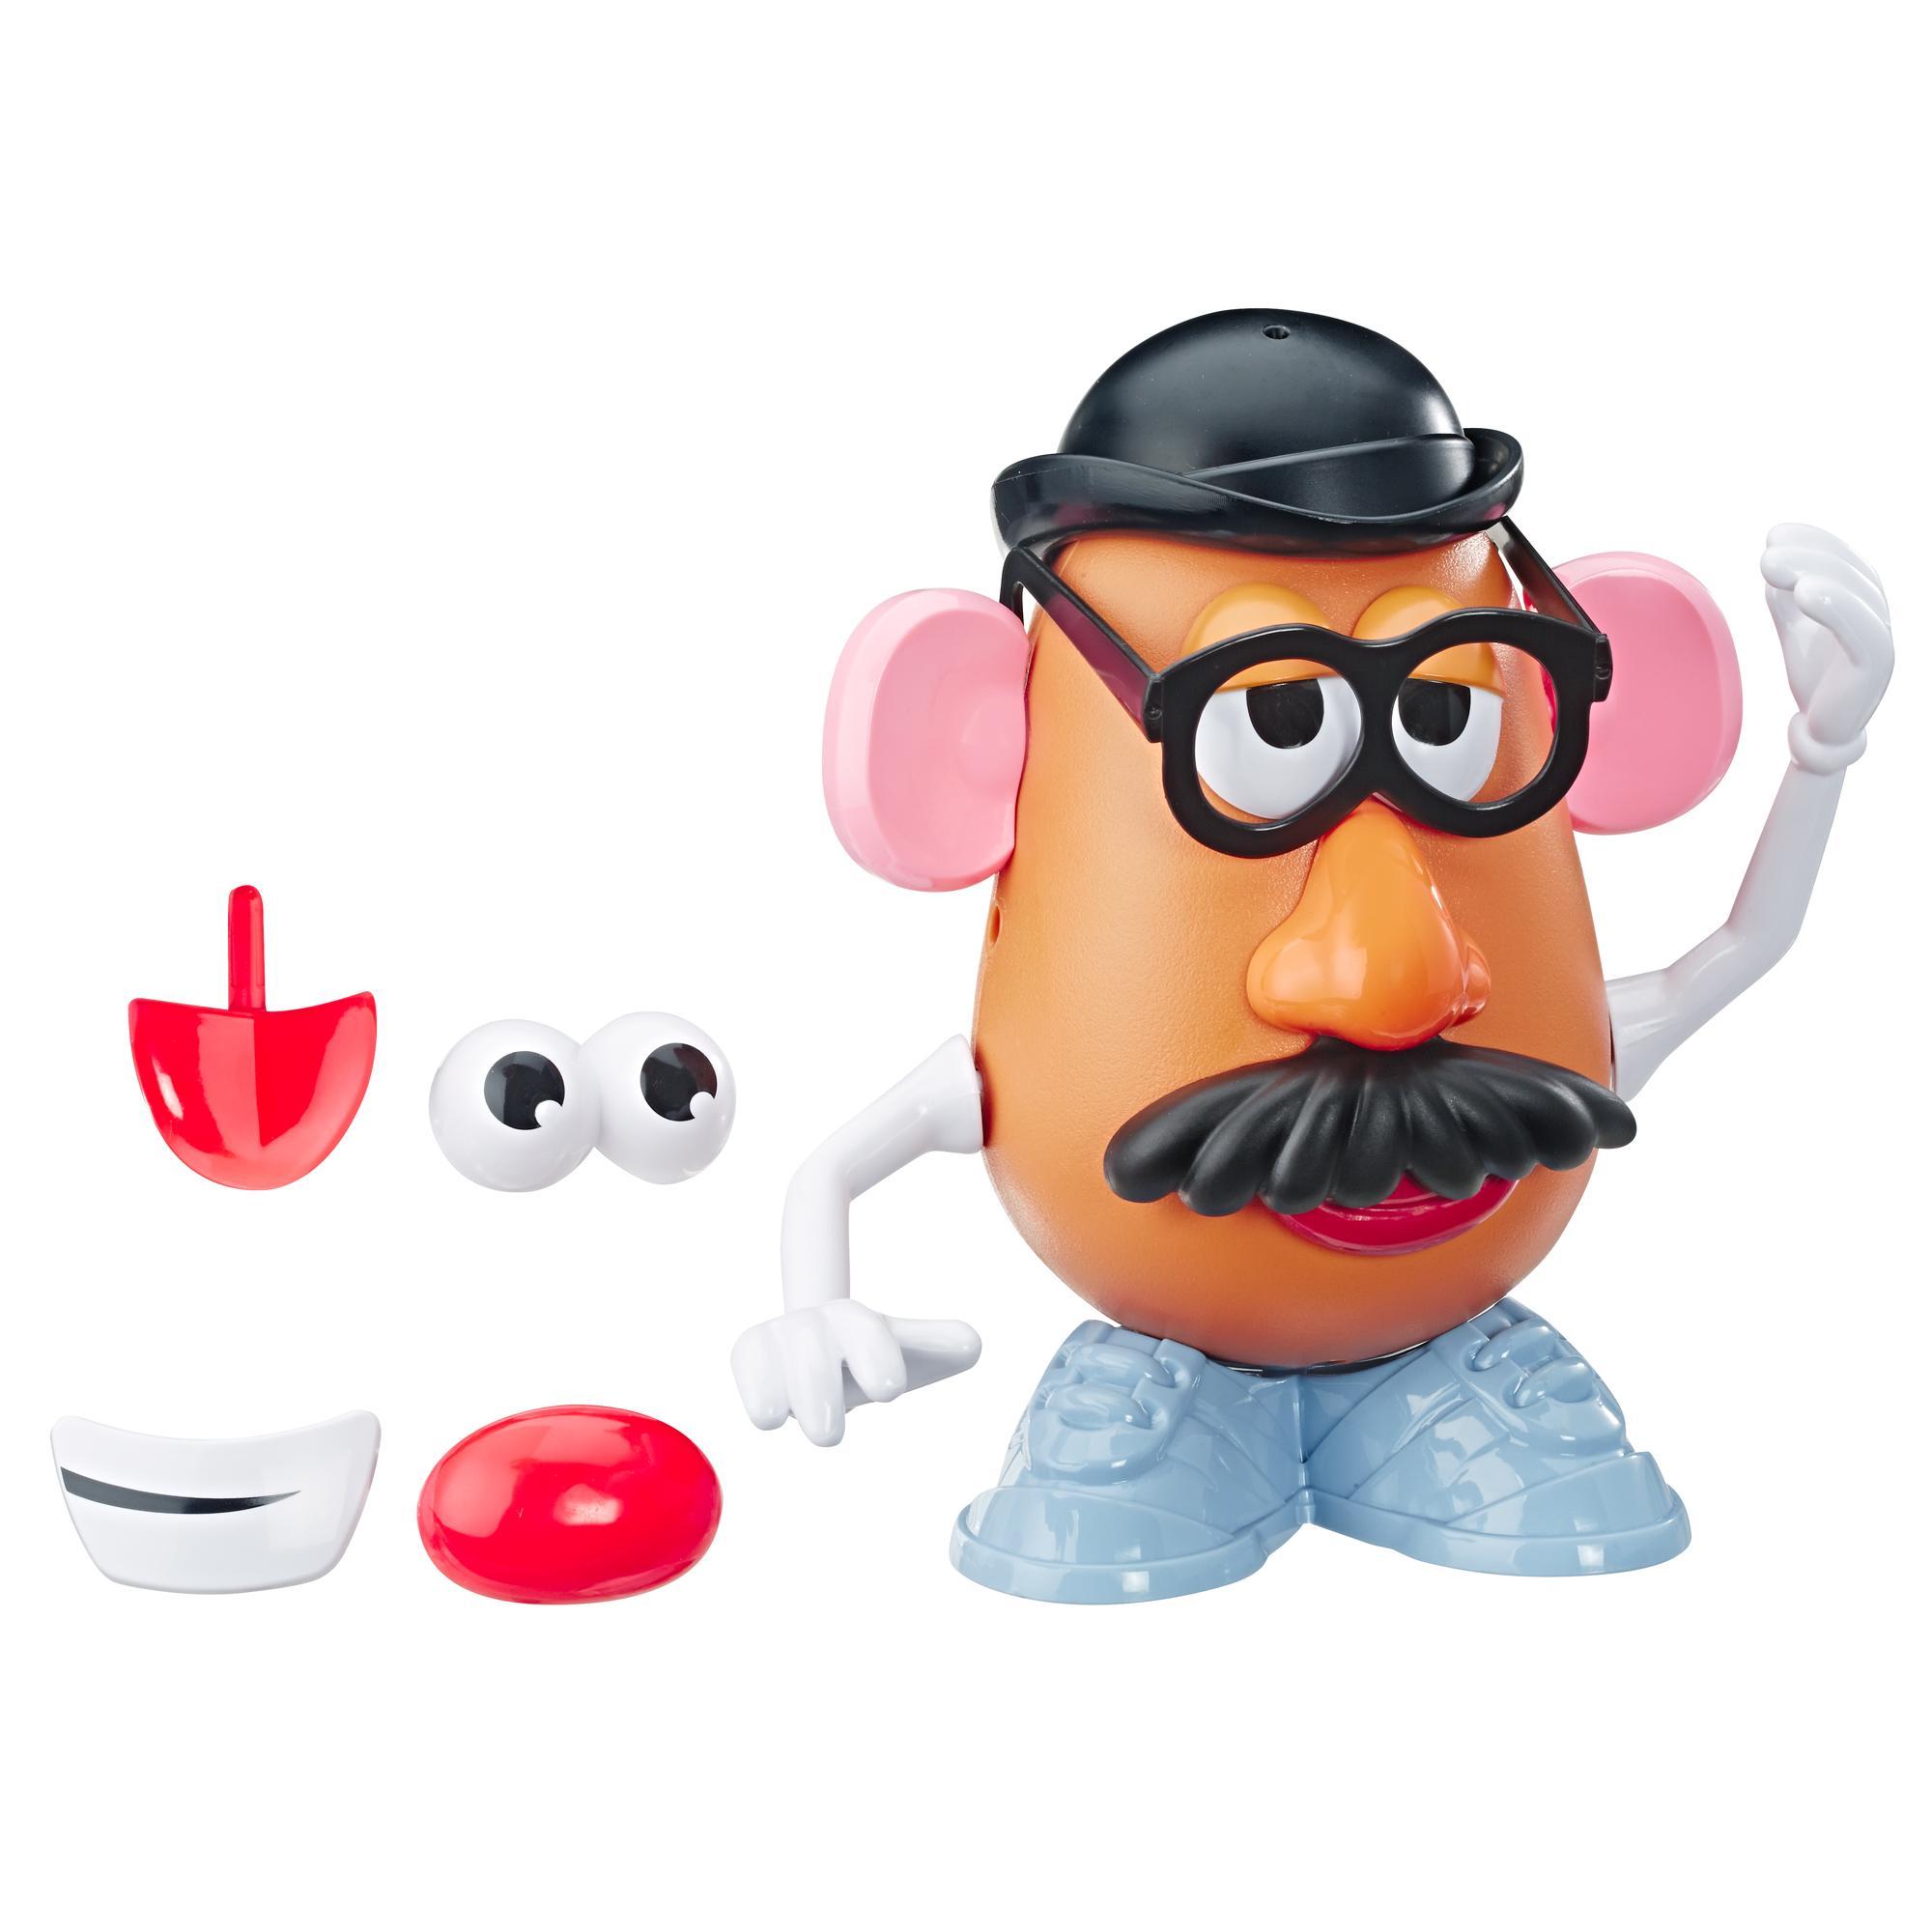 Mr. Potato Head Disney/Pixar - Figura clásica del Sr. Cara de Papa - Juguete para niños de 2 años en adelante